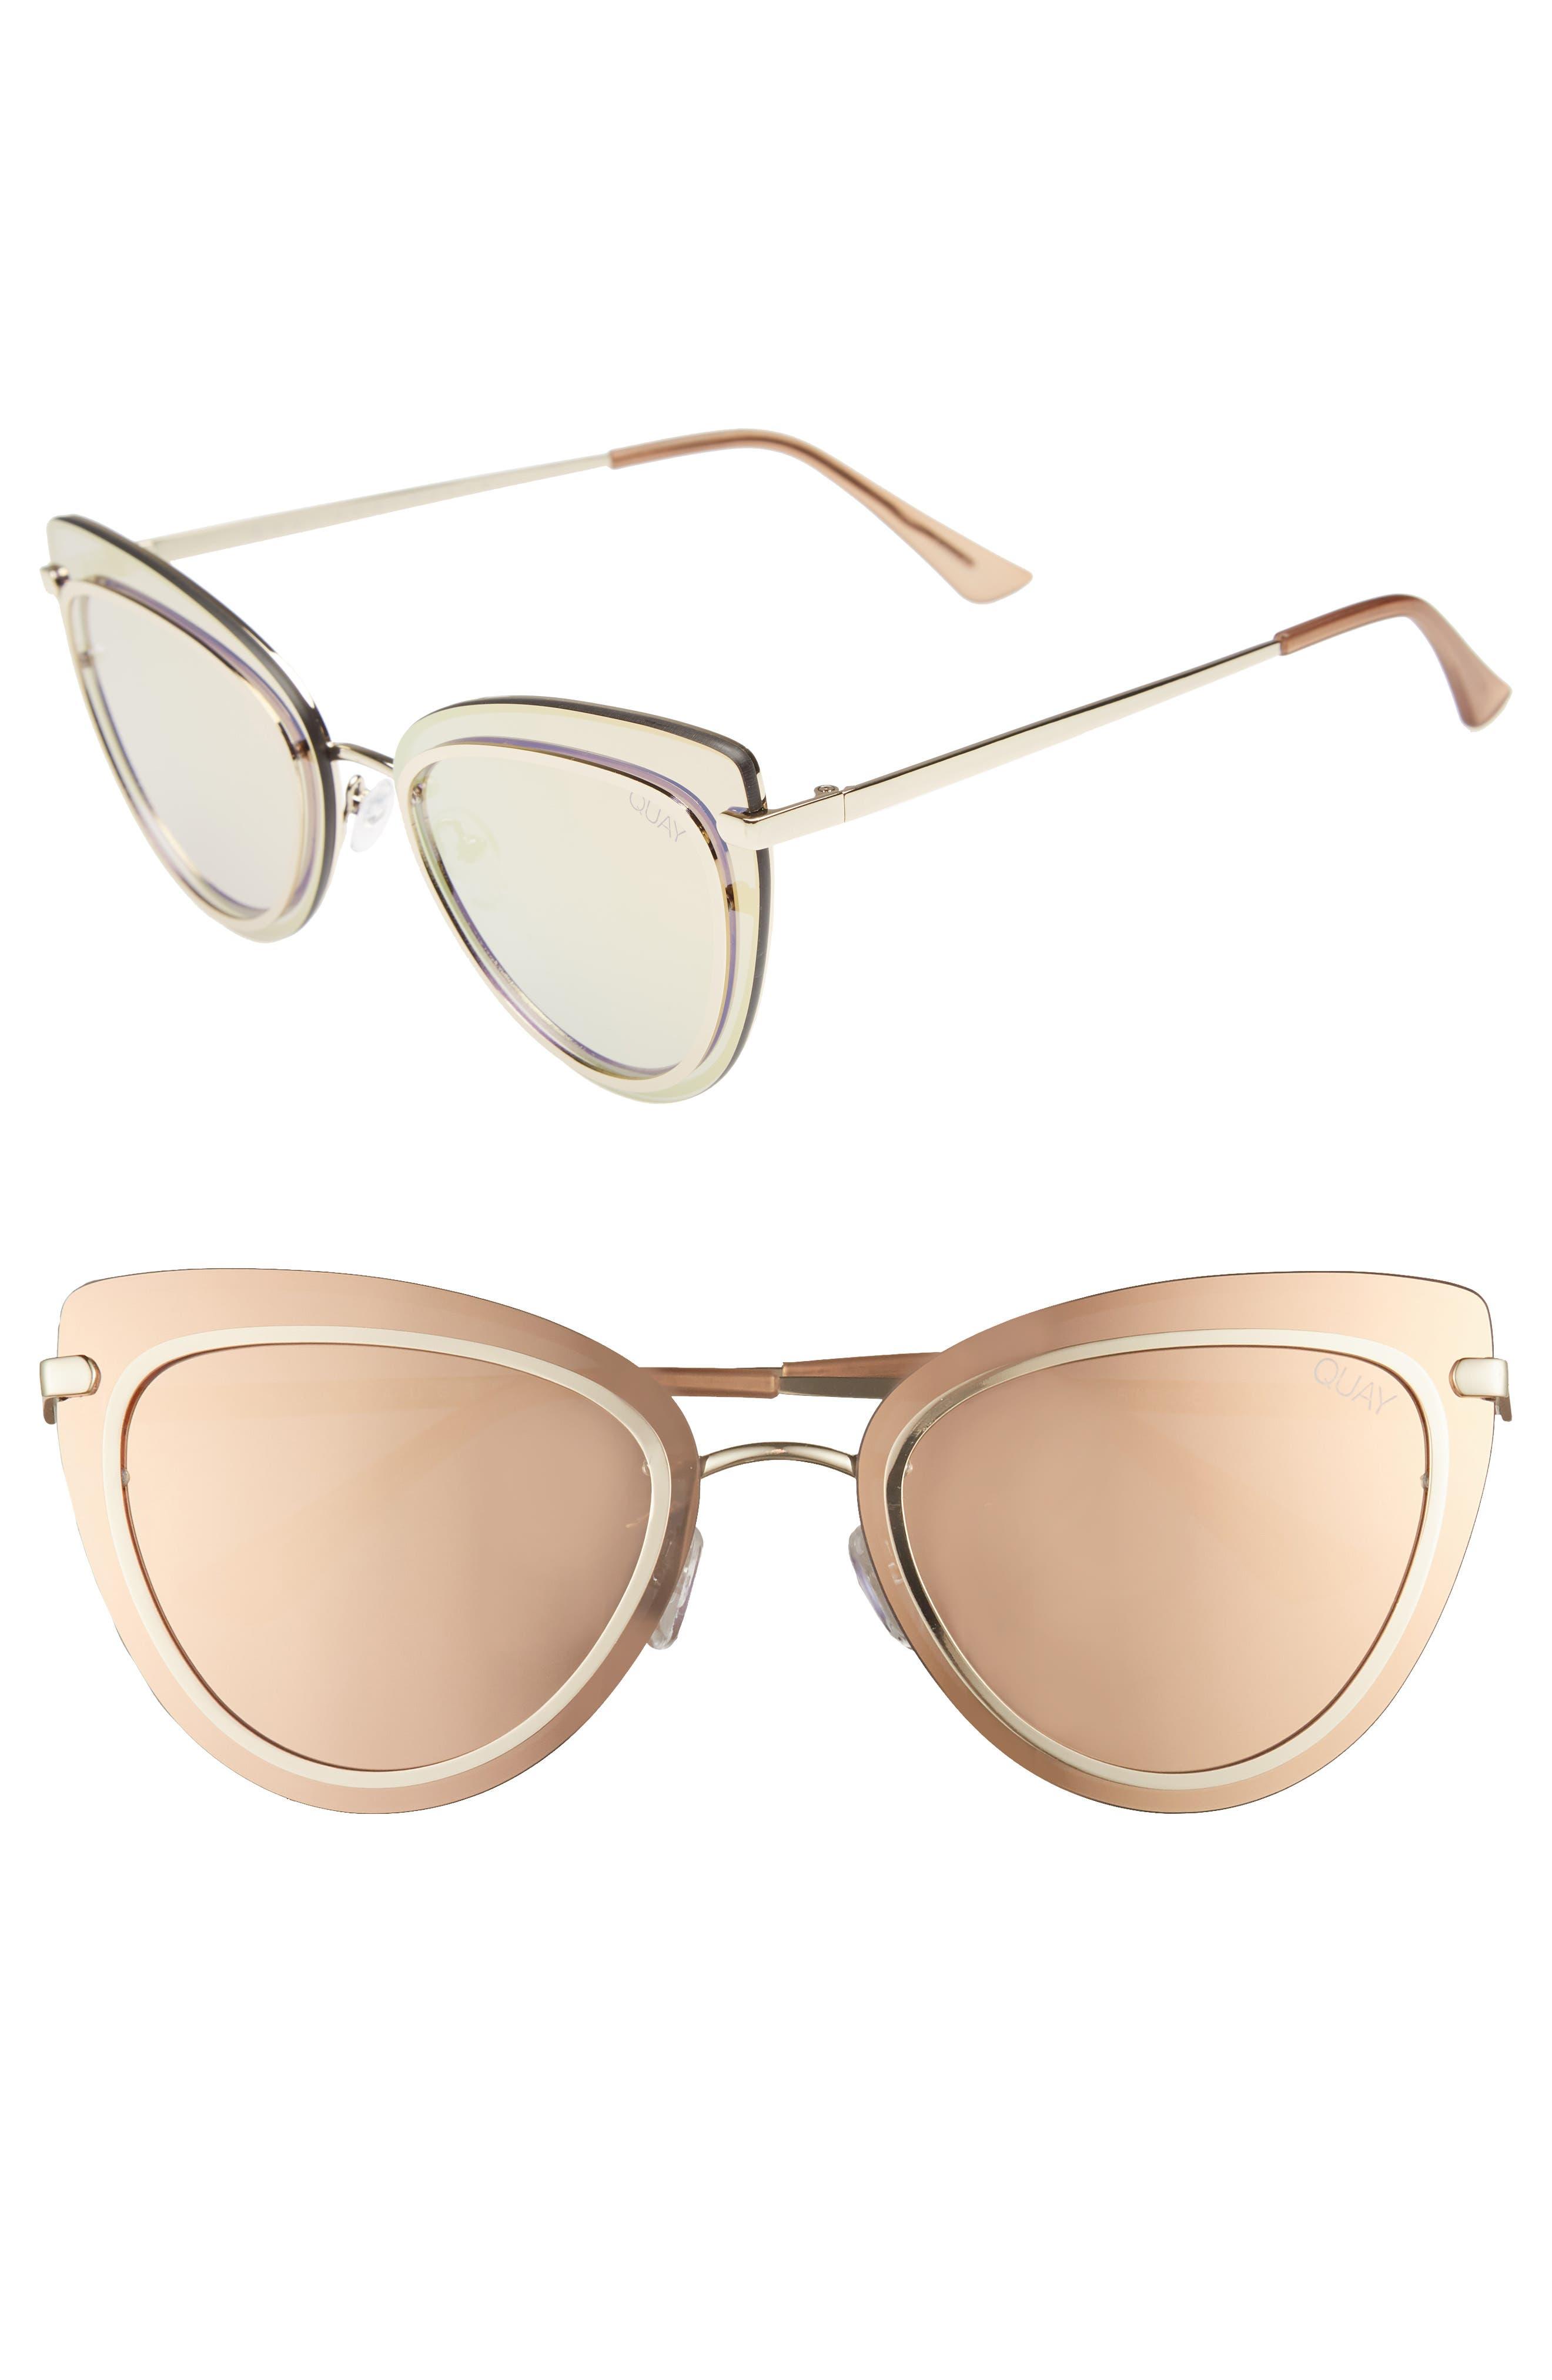 Primrose 55mm Cat Eye Sunglasses,                         Main,                         color, GOLD/ ROSE